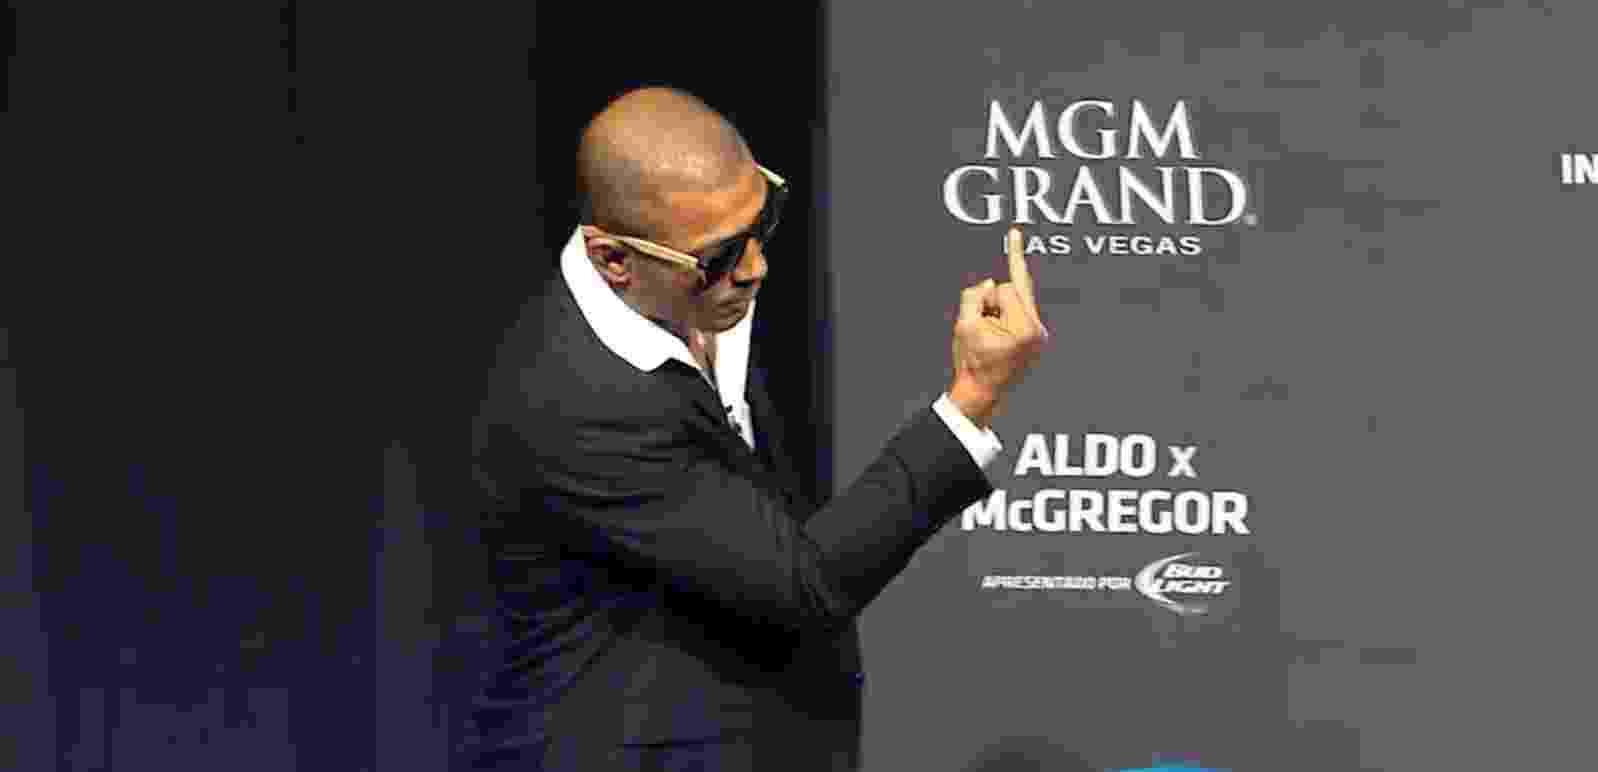 José Aldo chega à coletiva mostrando o dedo do meio para Conor McGregor - Reprodução